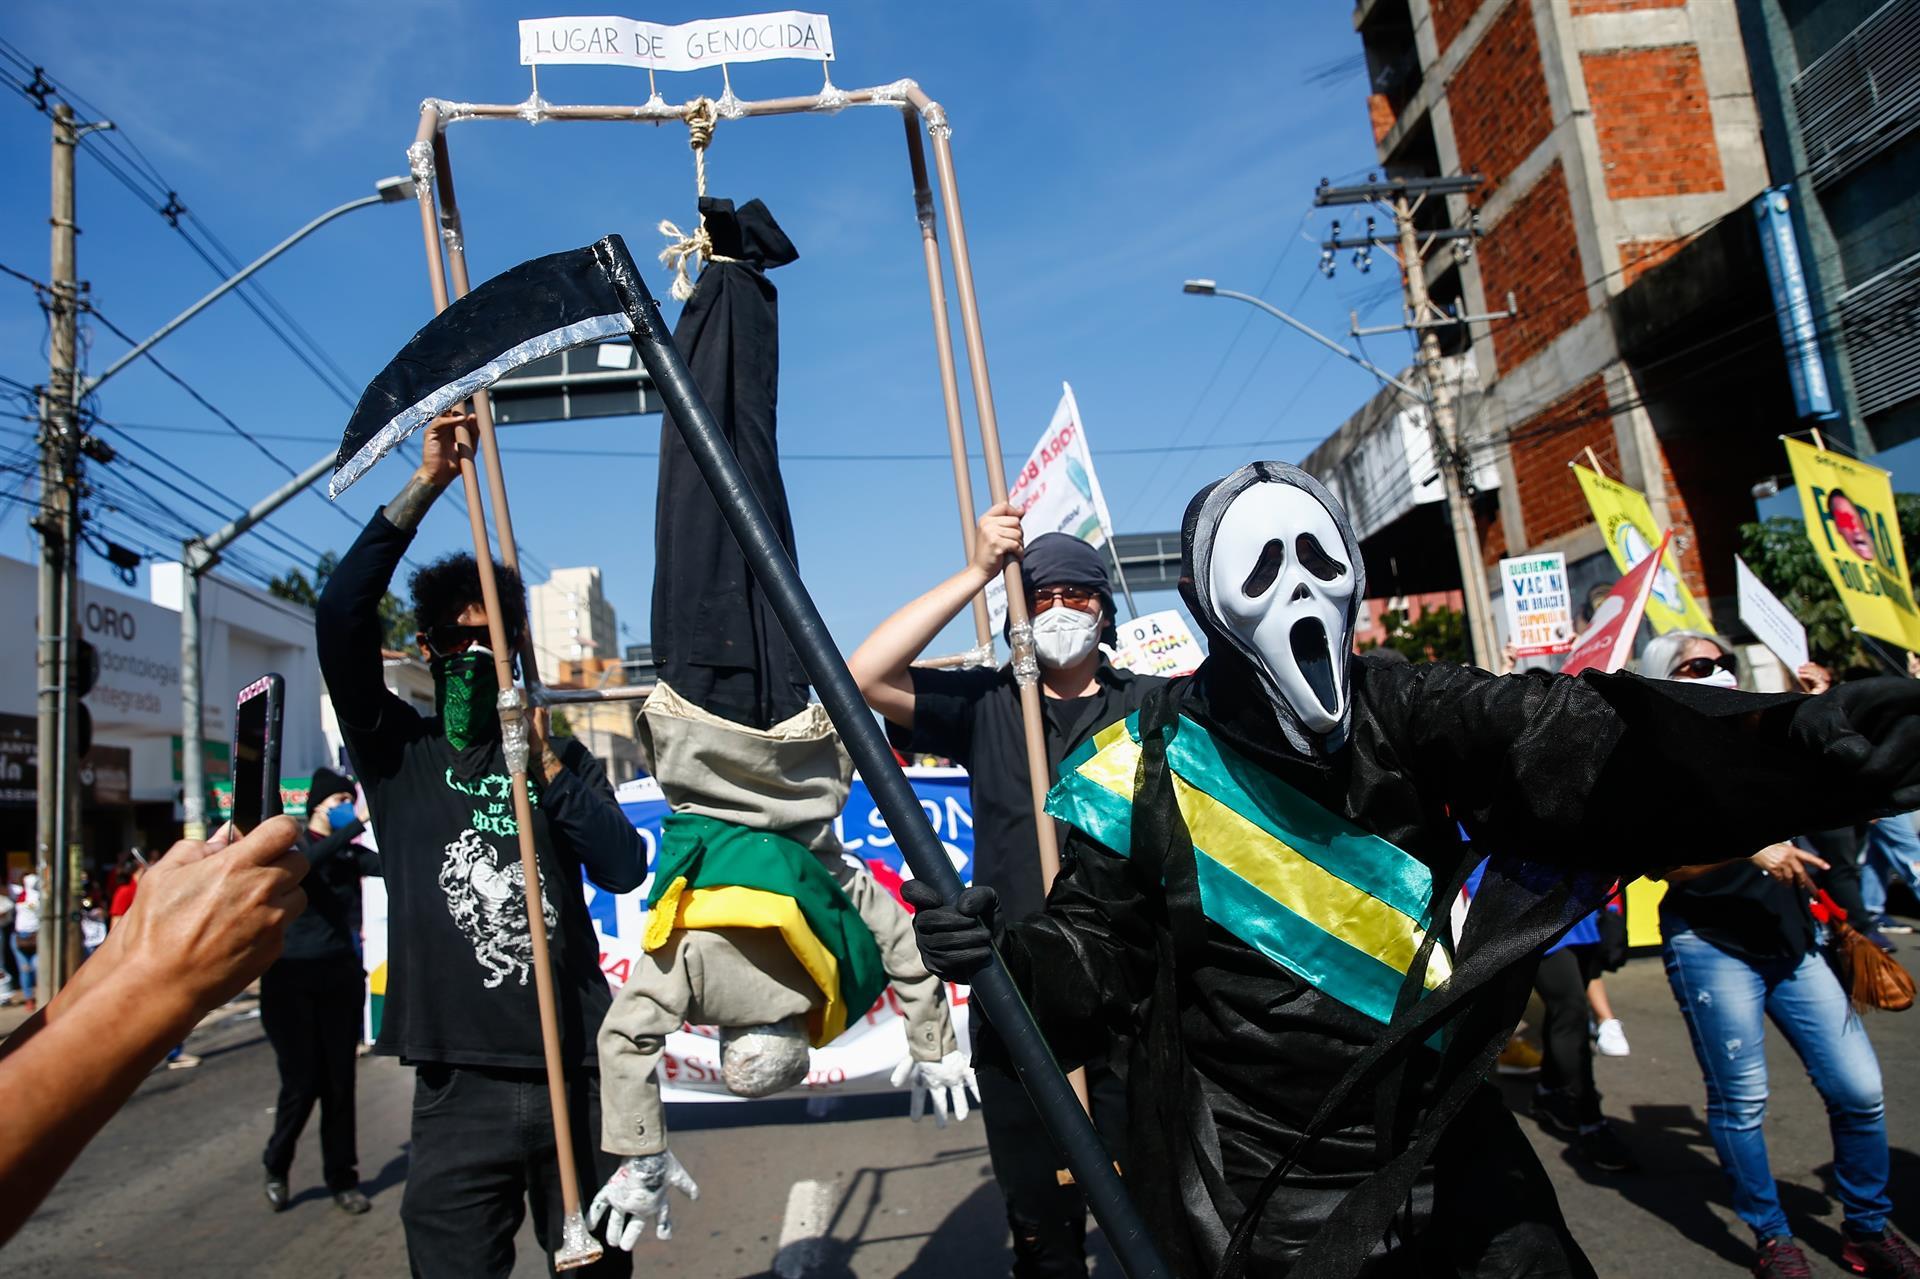 Protesto em Goiânia. Foto: Agência EFE